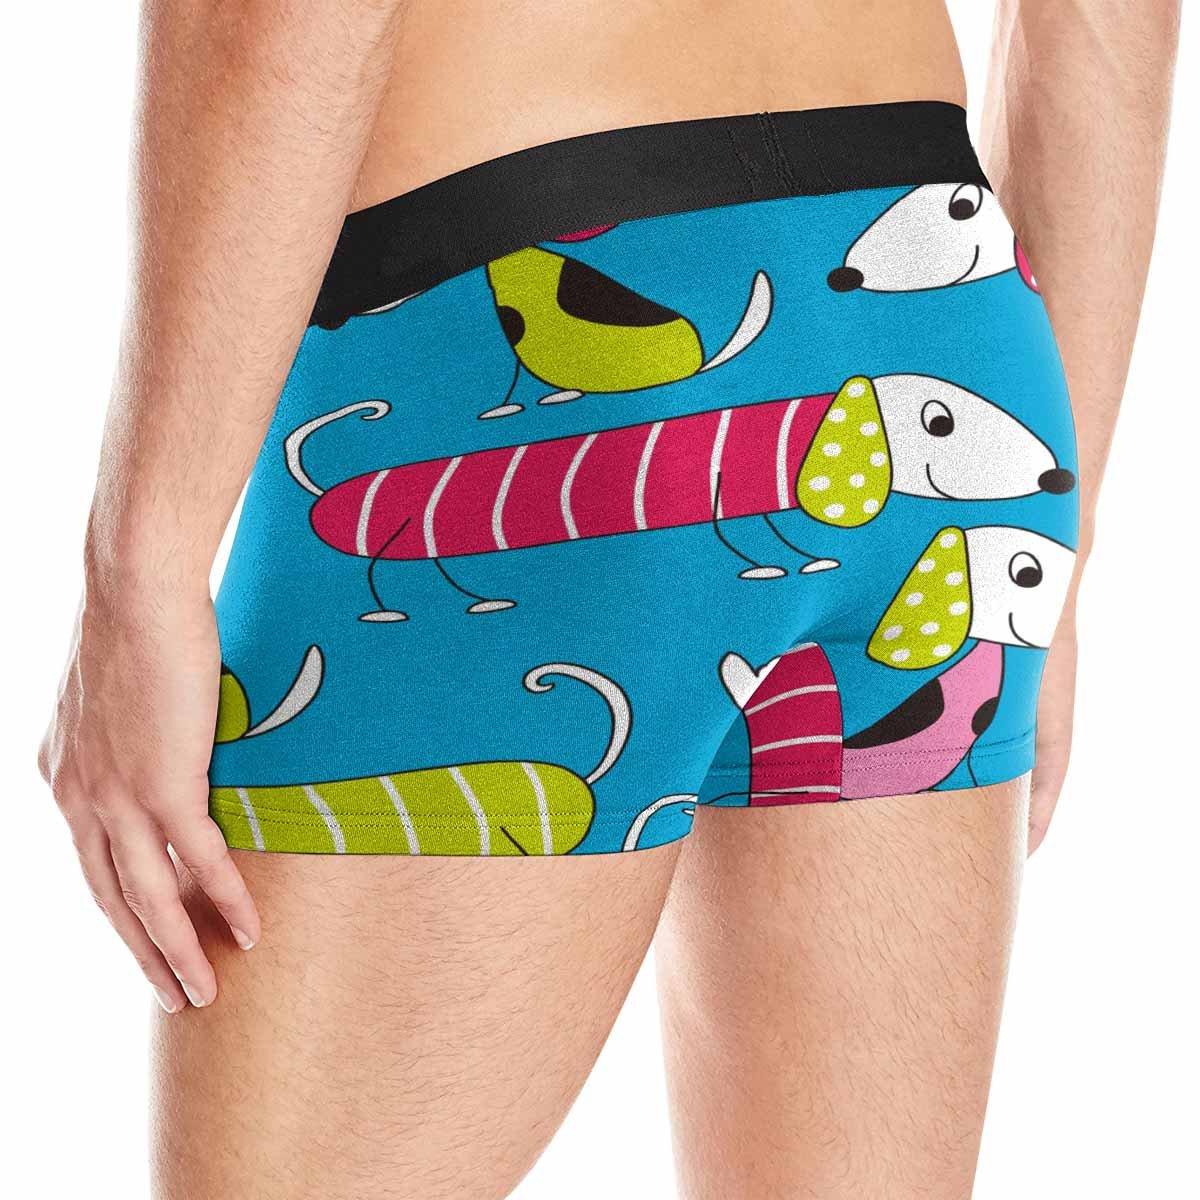 INTERESTPRINT Boxer Briefs Mens Underwear Colorful Dog Pattern XS-3XL